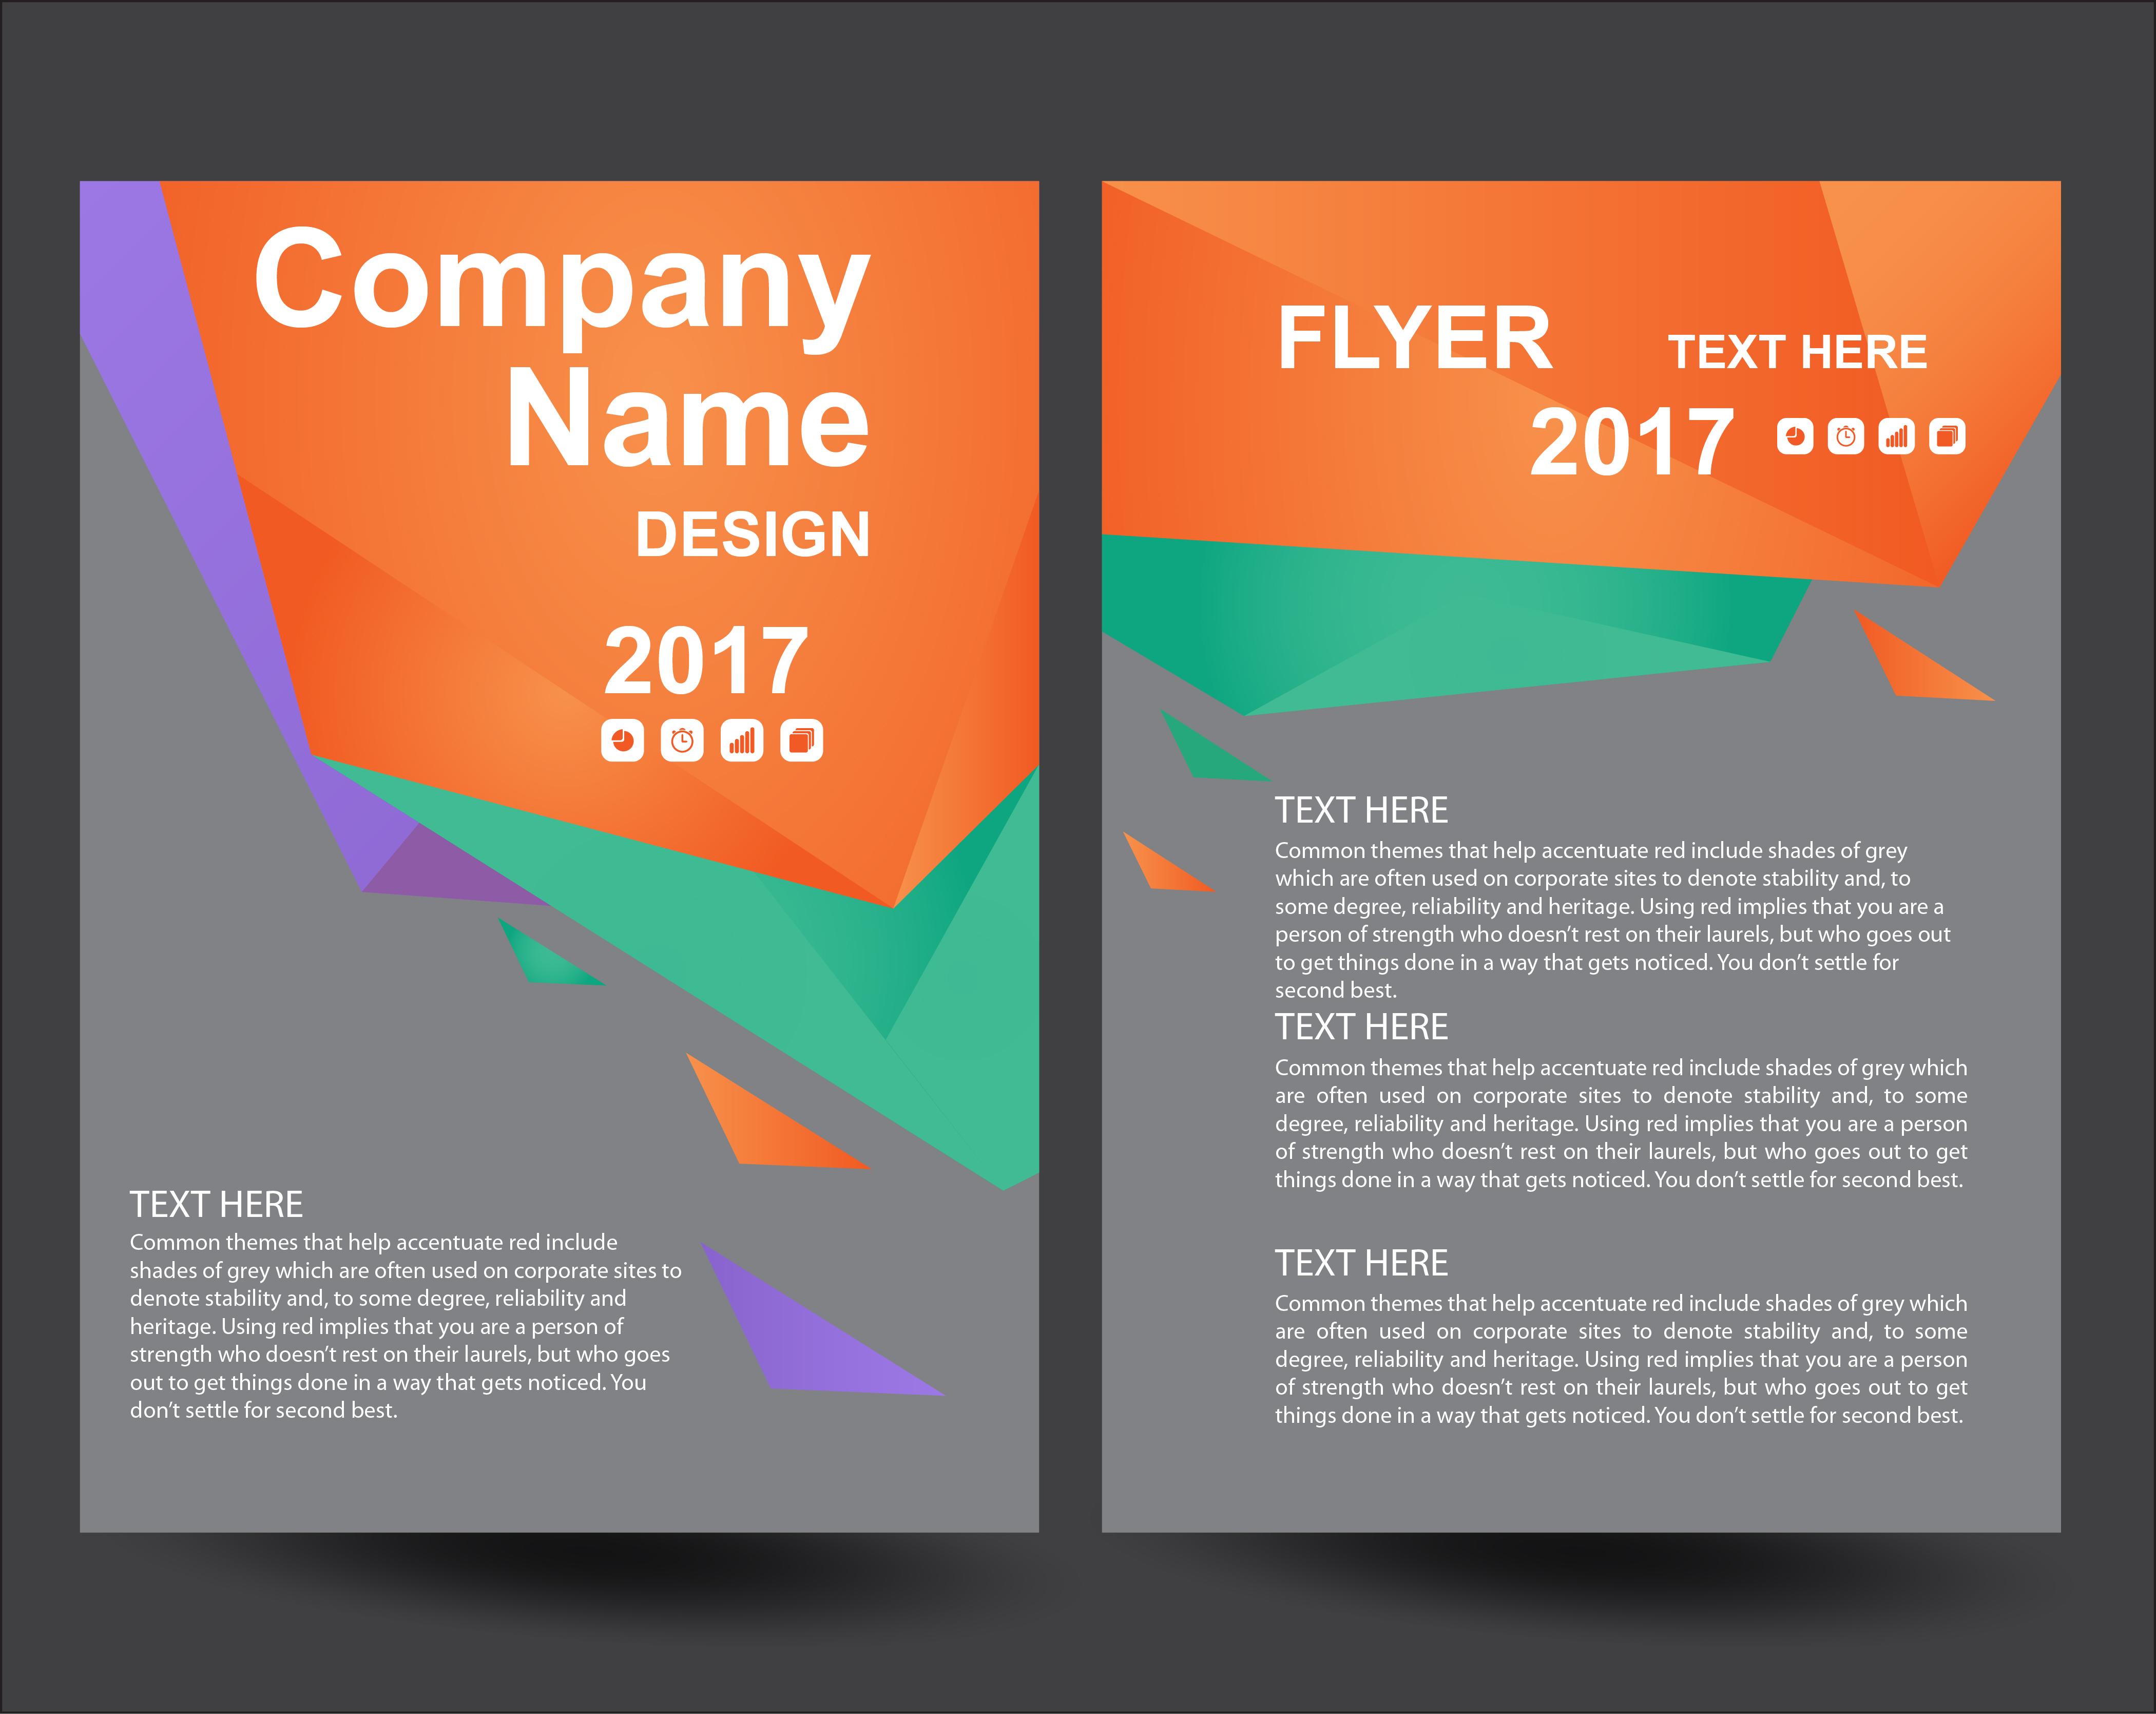 flyers designing by a1 digital solutions 525189 freelancer on guru